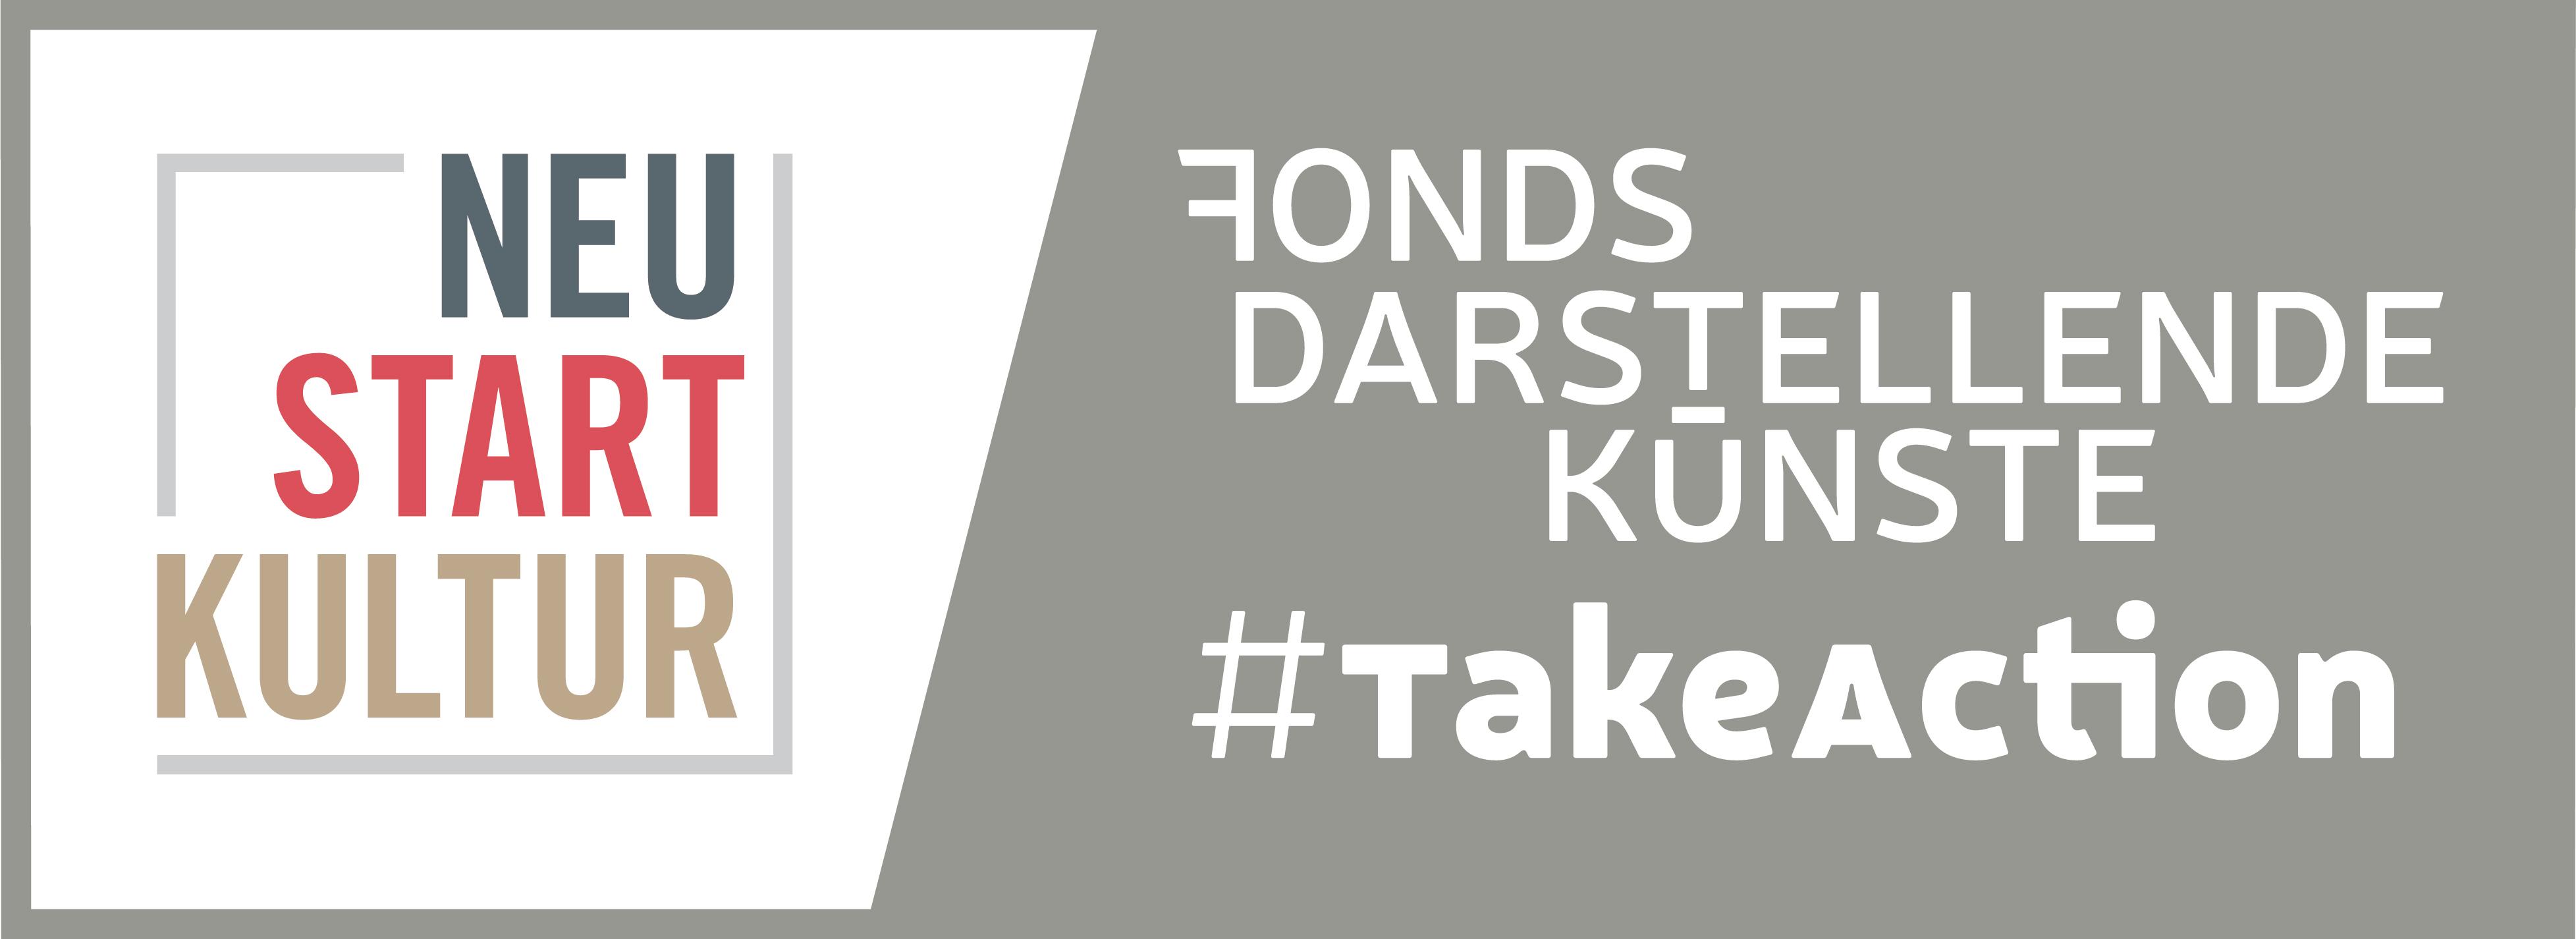 Logo von Fonds Darstellende Künste - Projekt #TakeAction